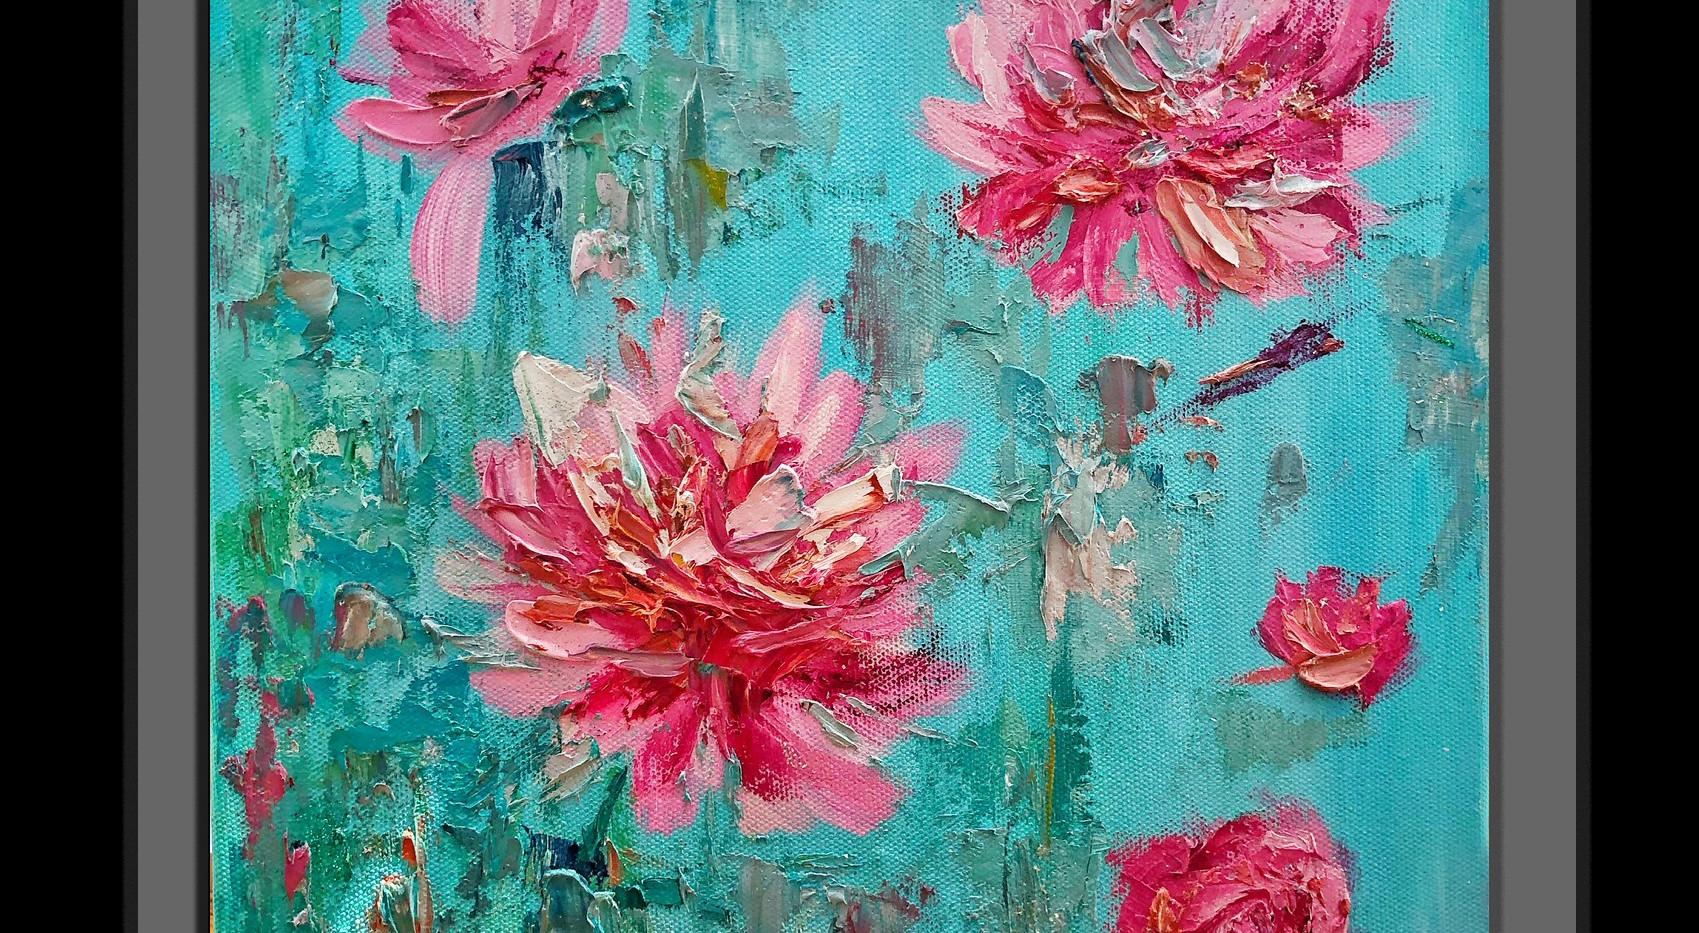 blossom_framed.jpg